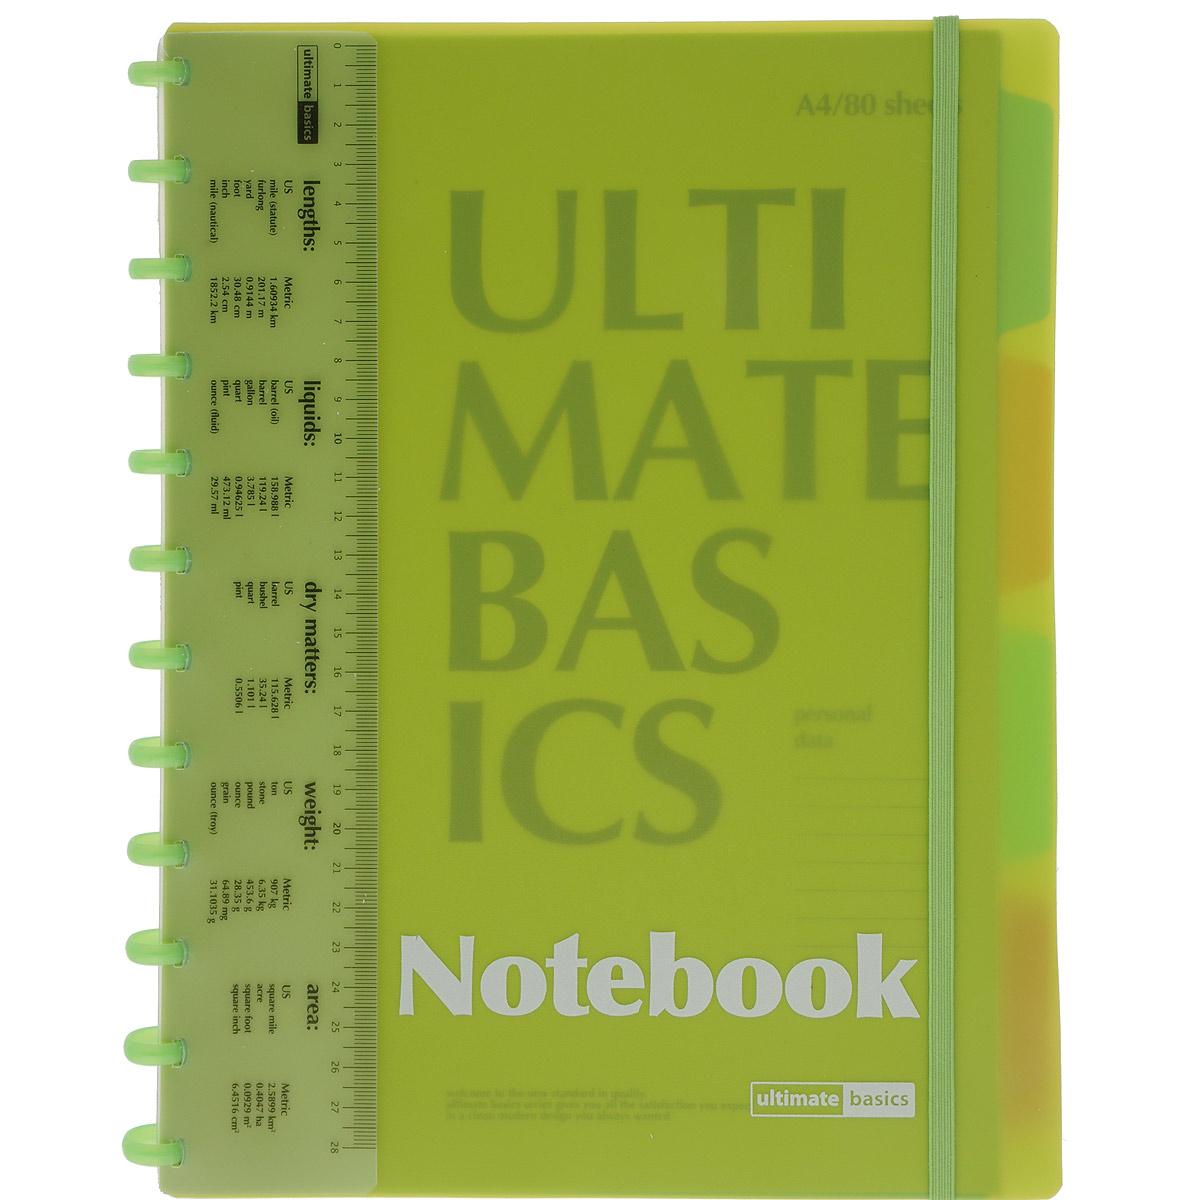 Блокнот NoName Бизнес-блокнот с пластиковой линейкой а4, 80 л. Гр. ultimate basics , разделители, цвет: салатовый